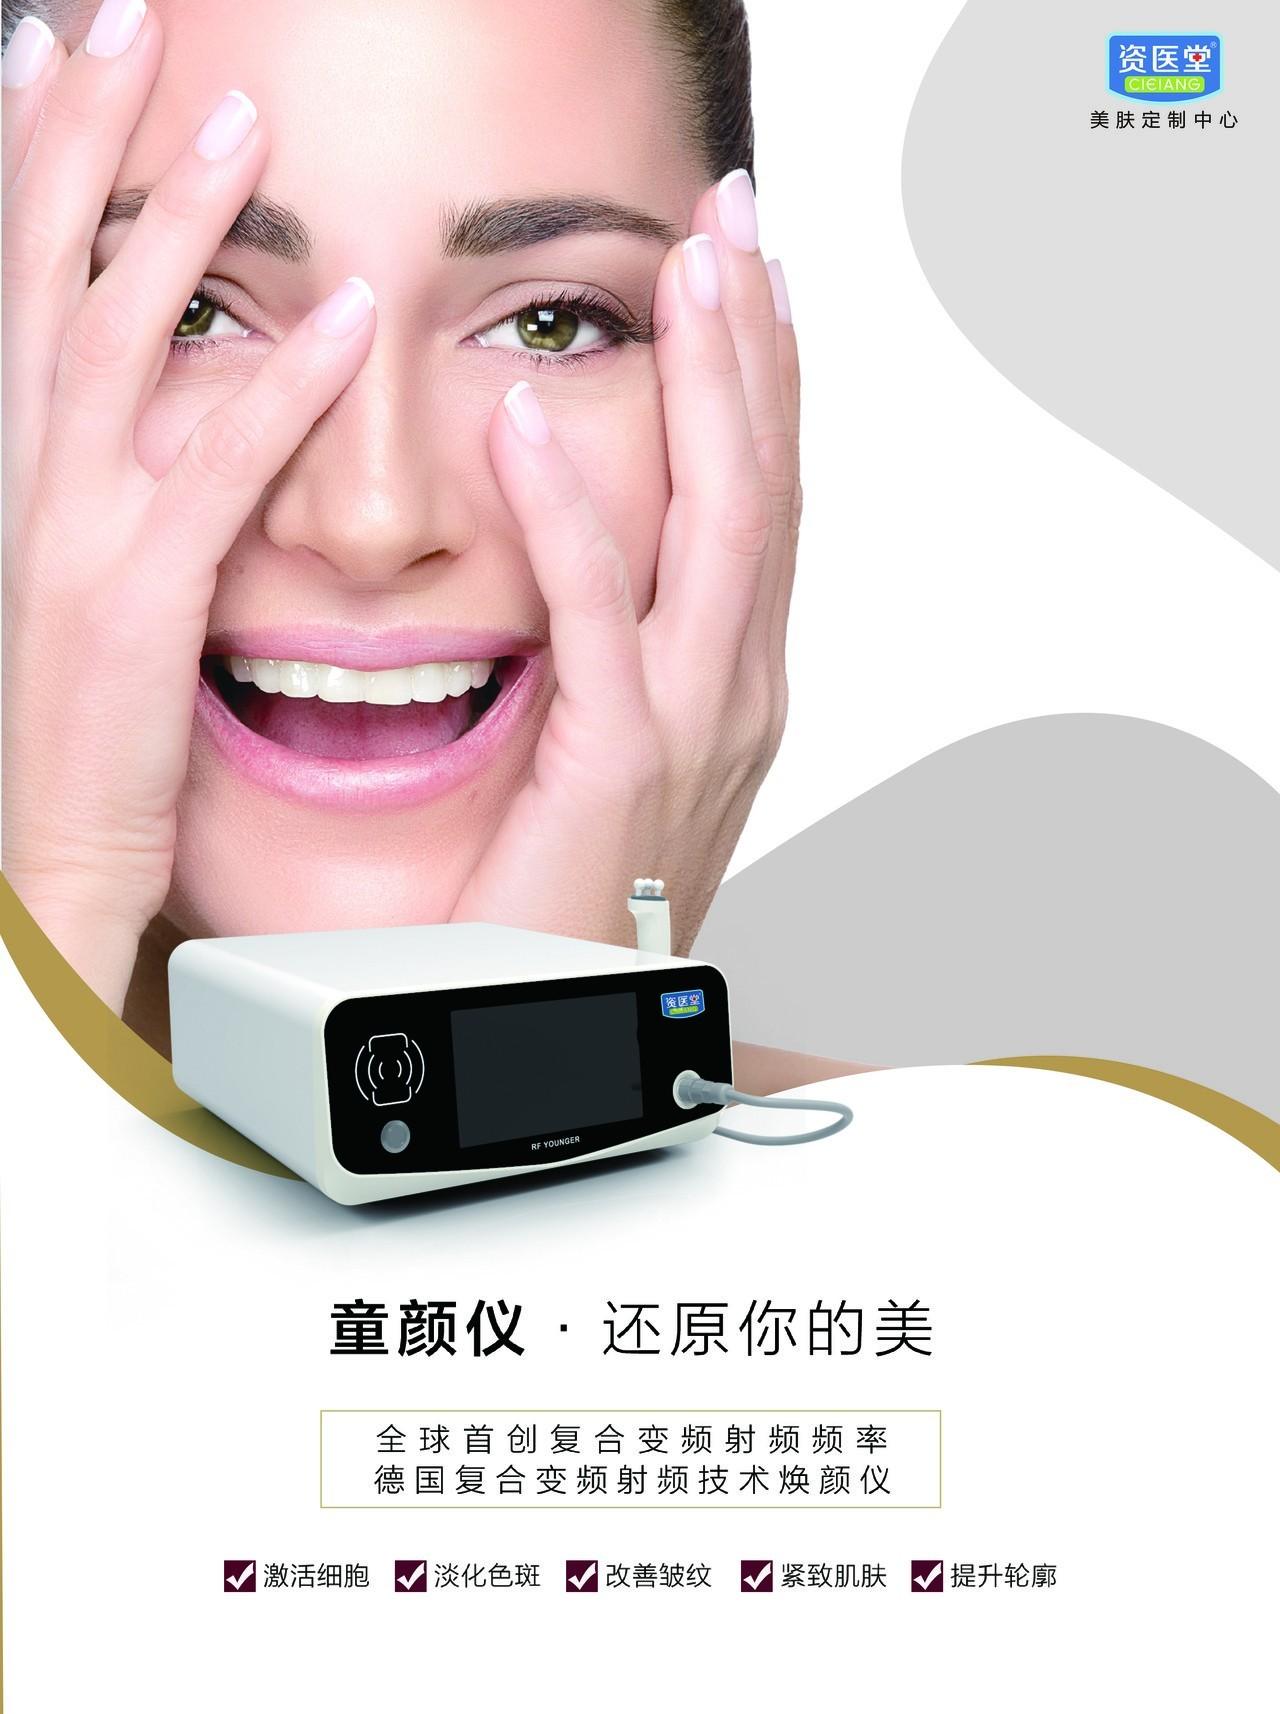 微信�D片_20200604101013.jpg